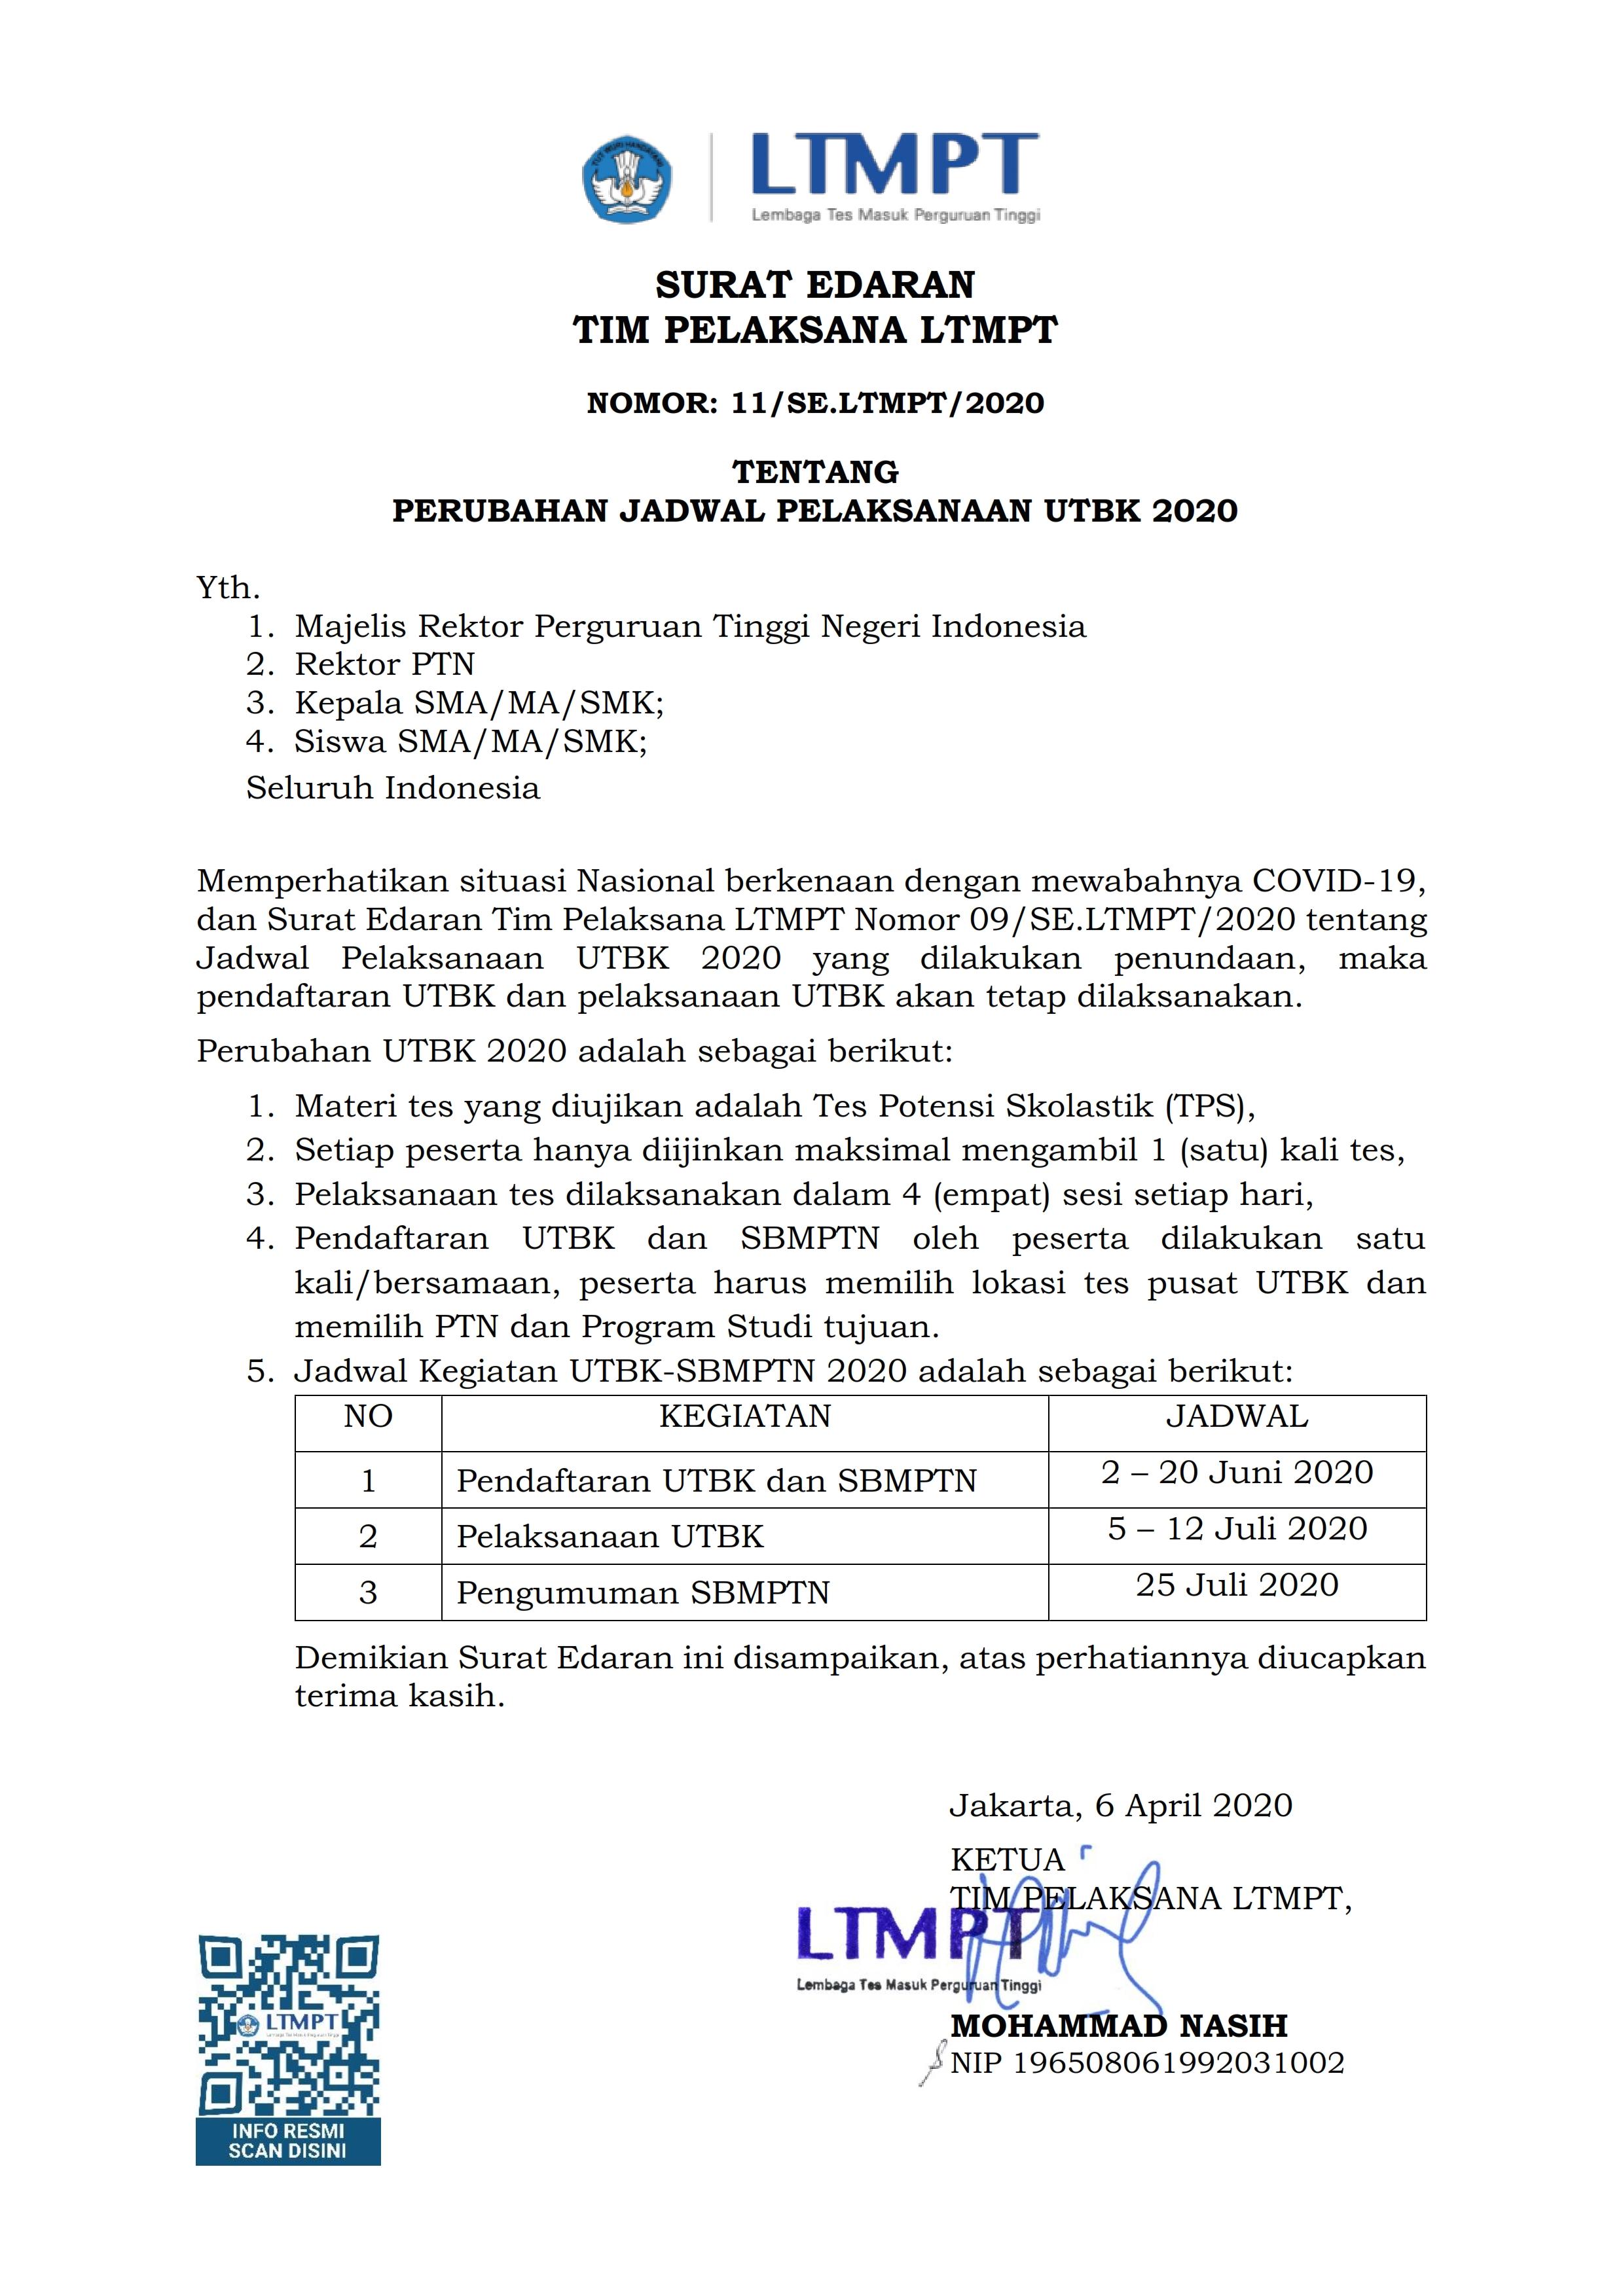 Contoh Soal Utbk 2020 Resmi Dari Ltmpt